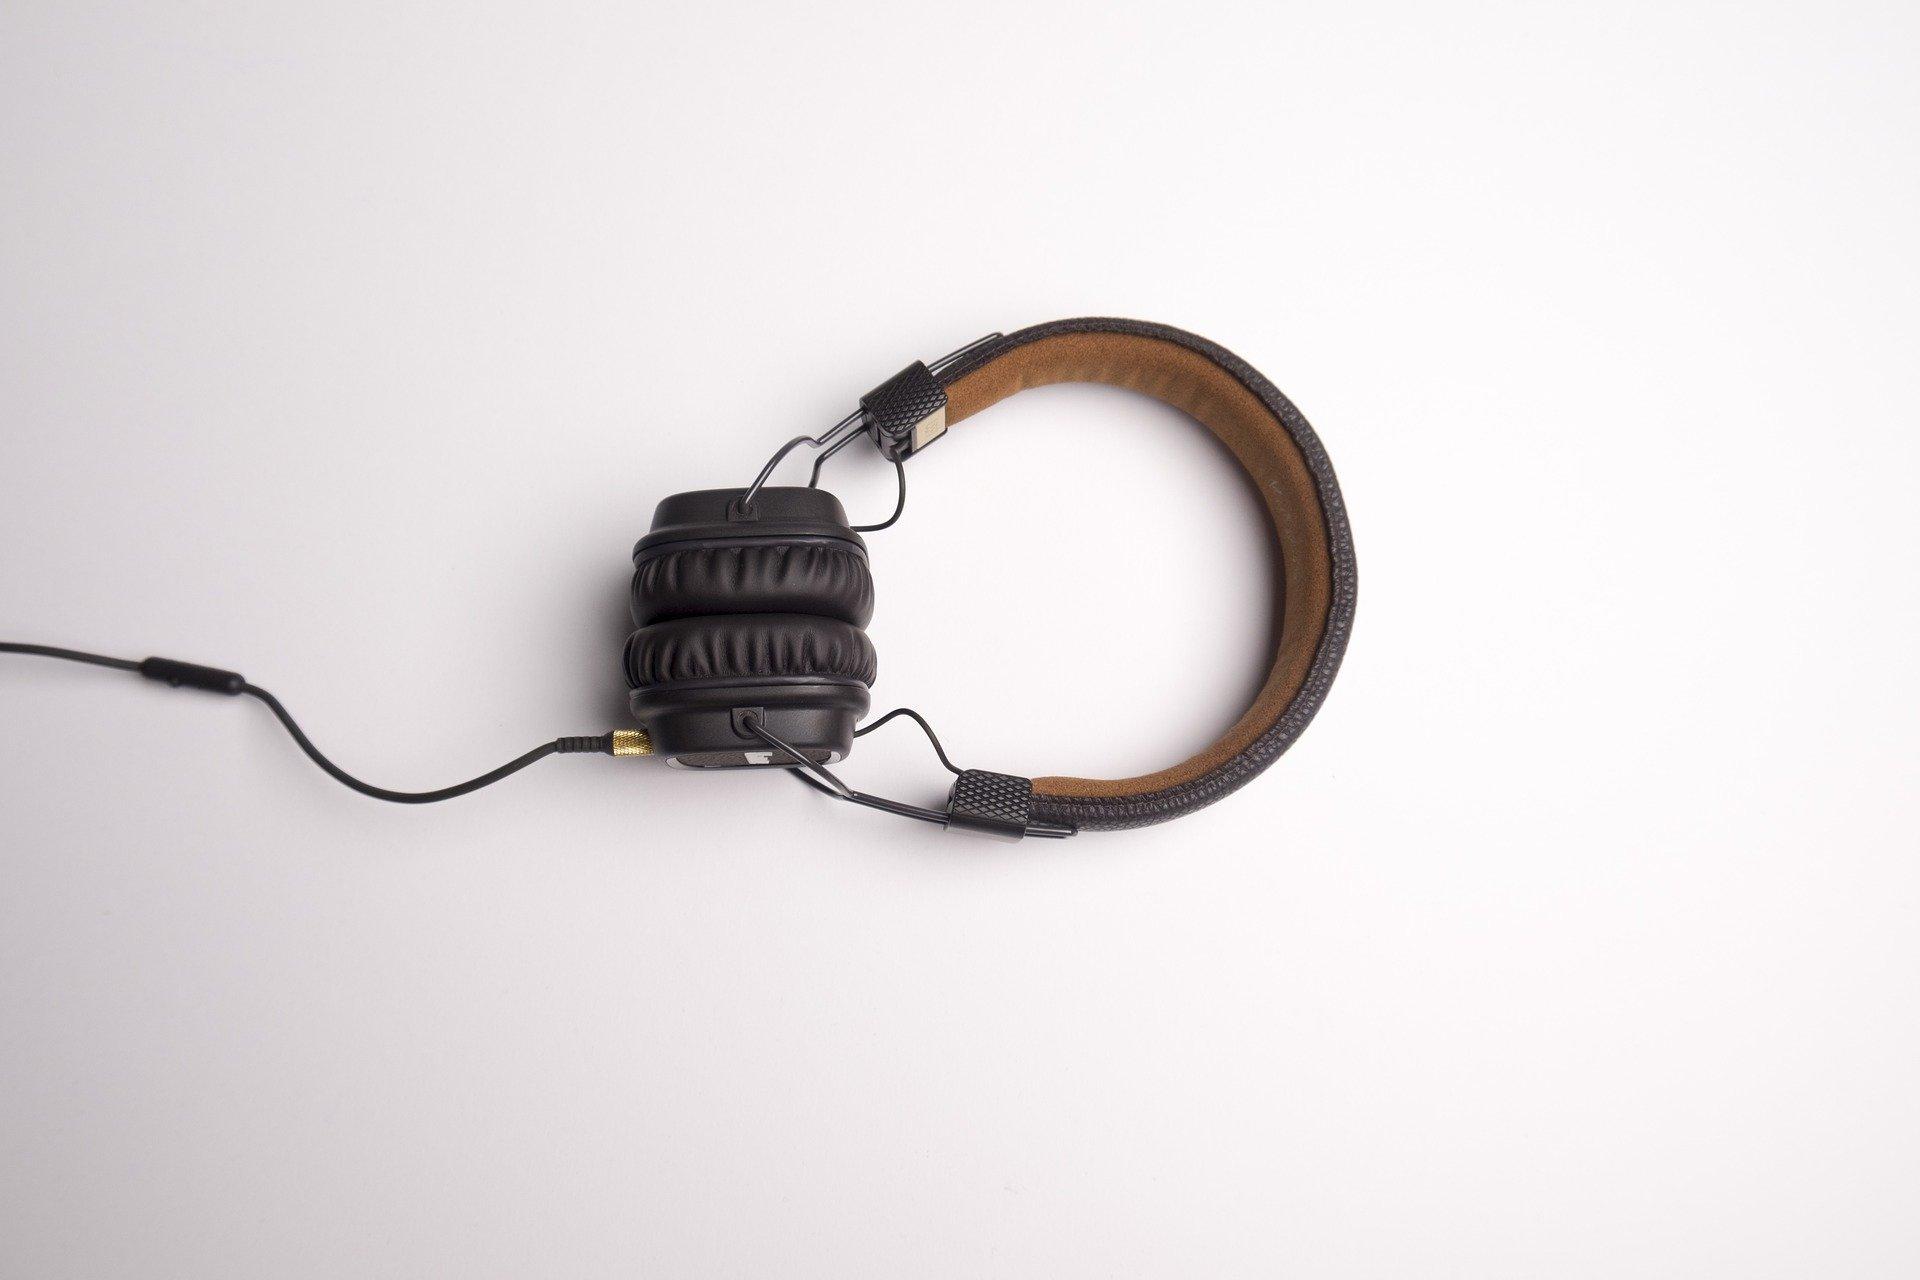 headphone-1868612-1920-057771-CvwEqBhh